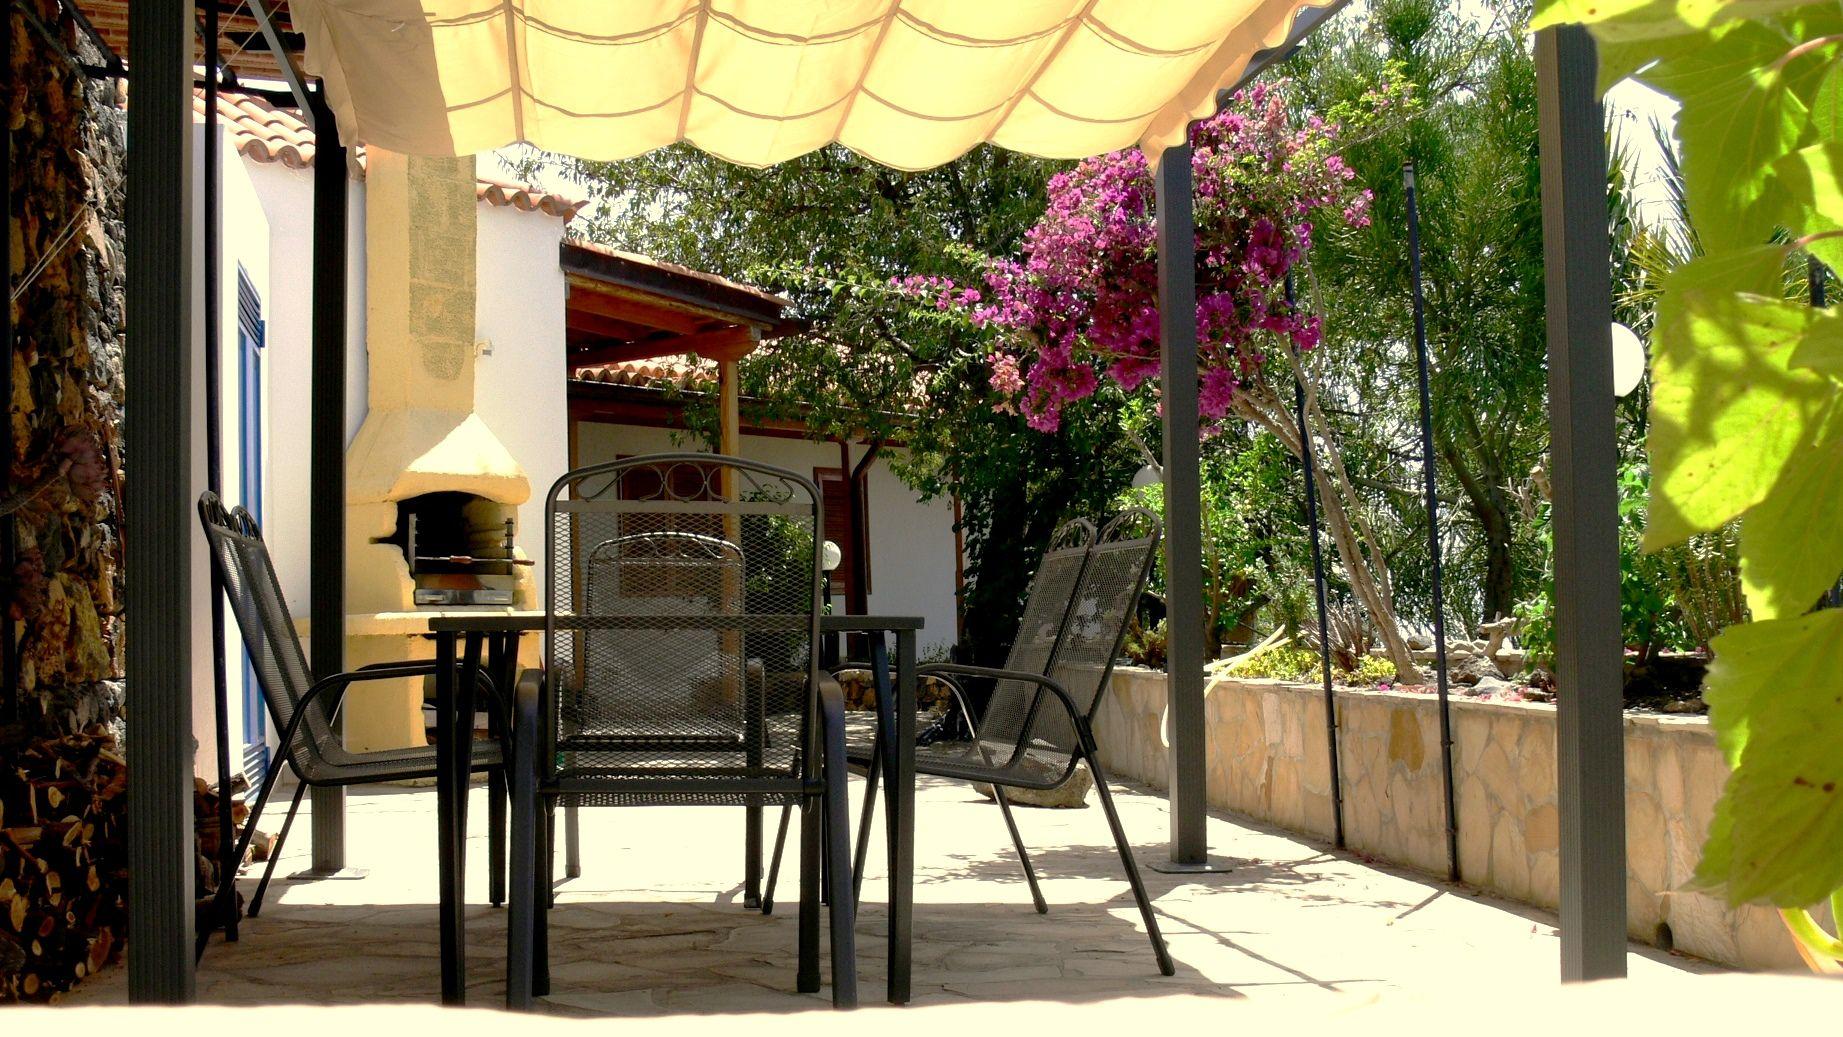 La palma 24 ferienunterkunft komfort ferienvilla for La pergola palma